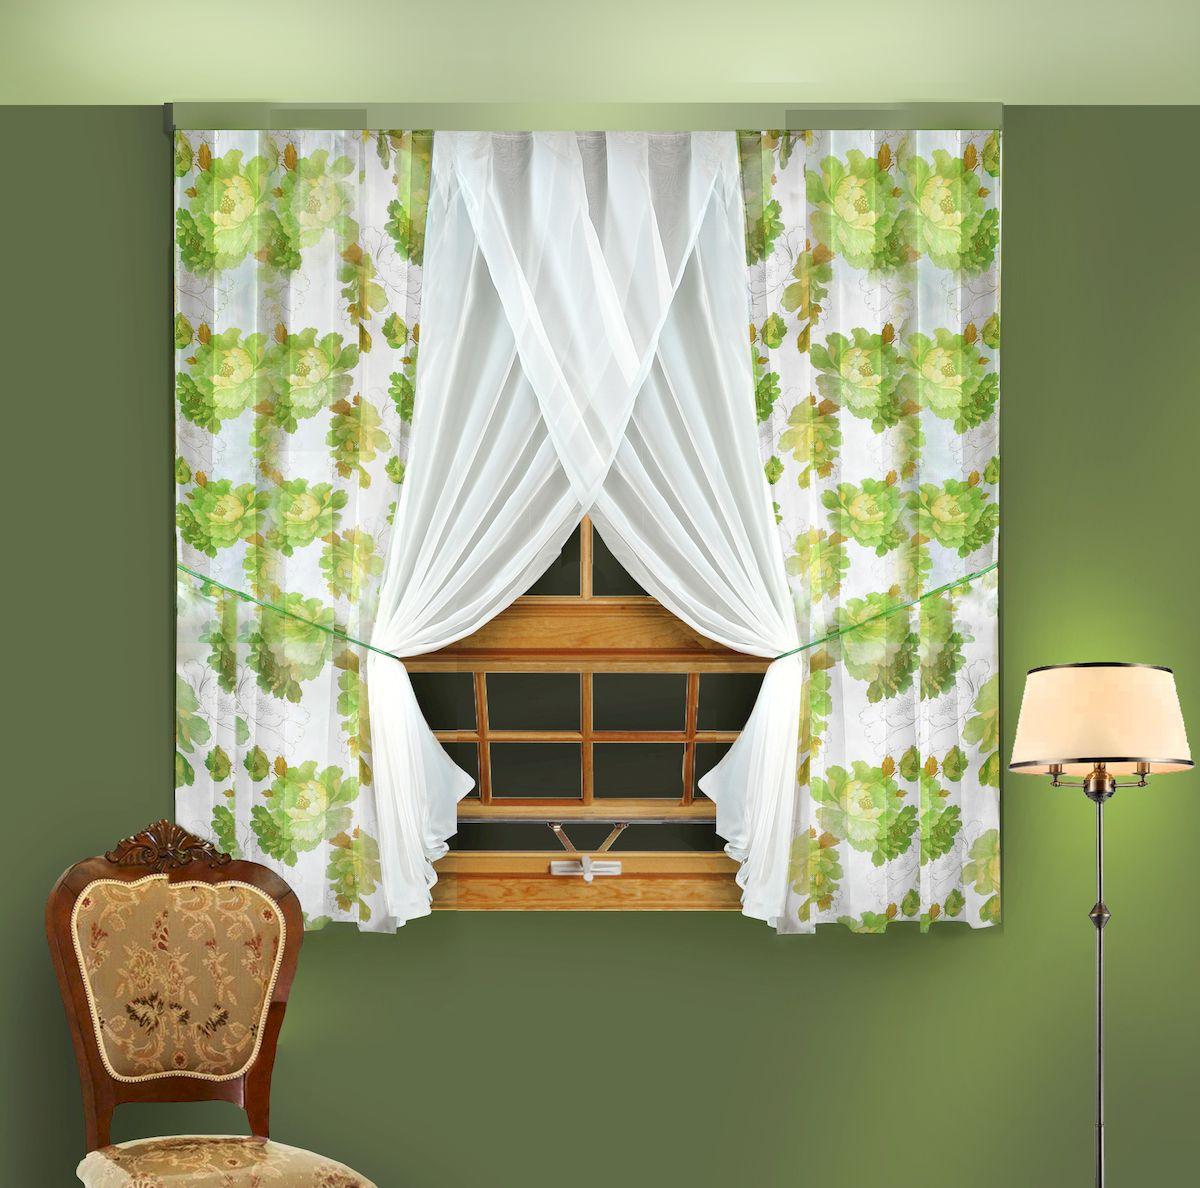 Комплект штор для кухни Zlata Korunka, на ленте, цвет: зеленый, высота 180 см. 5566559768_ЛЕНТАКомплект штор для кухни Zlata Korunka, выполненный из полиэстера, великолепно украсит любое окно. Комплект состоит из 2 штор и 2 подхватов. Крупный цветочный рисунок и приятная цветовая гамма привлекут к себе внимание и органично впишутся в интерьер помещения. Этот комплект будет долгое время радовать вас и вашу семью!Комплект крепится на карниз при помощи ленты, которая поможет красиво и равномерно задрапировать верх.В комплект входит: Штора: 2 шт. Размер (Ш х В): 180 х 180 см.Подхват: 2 шт.